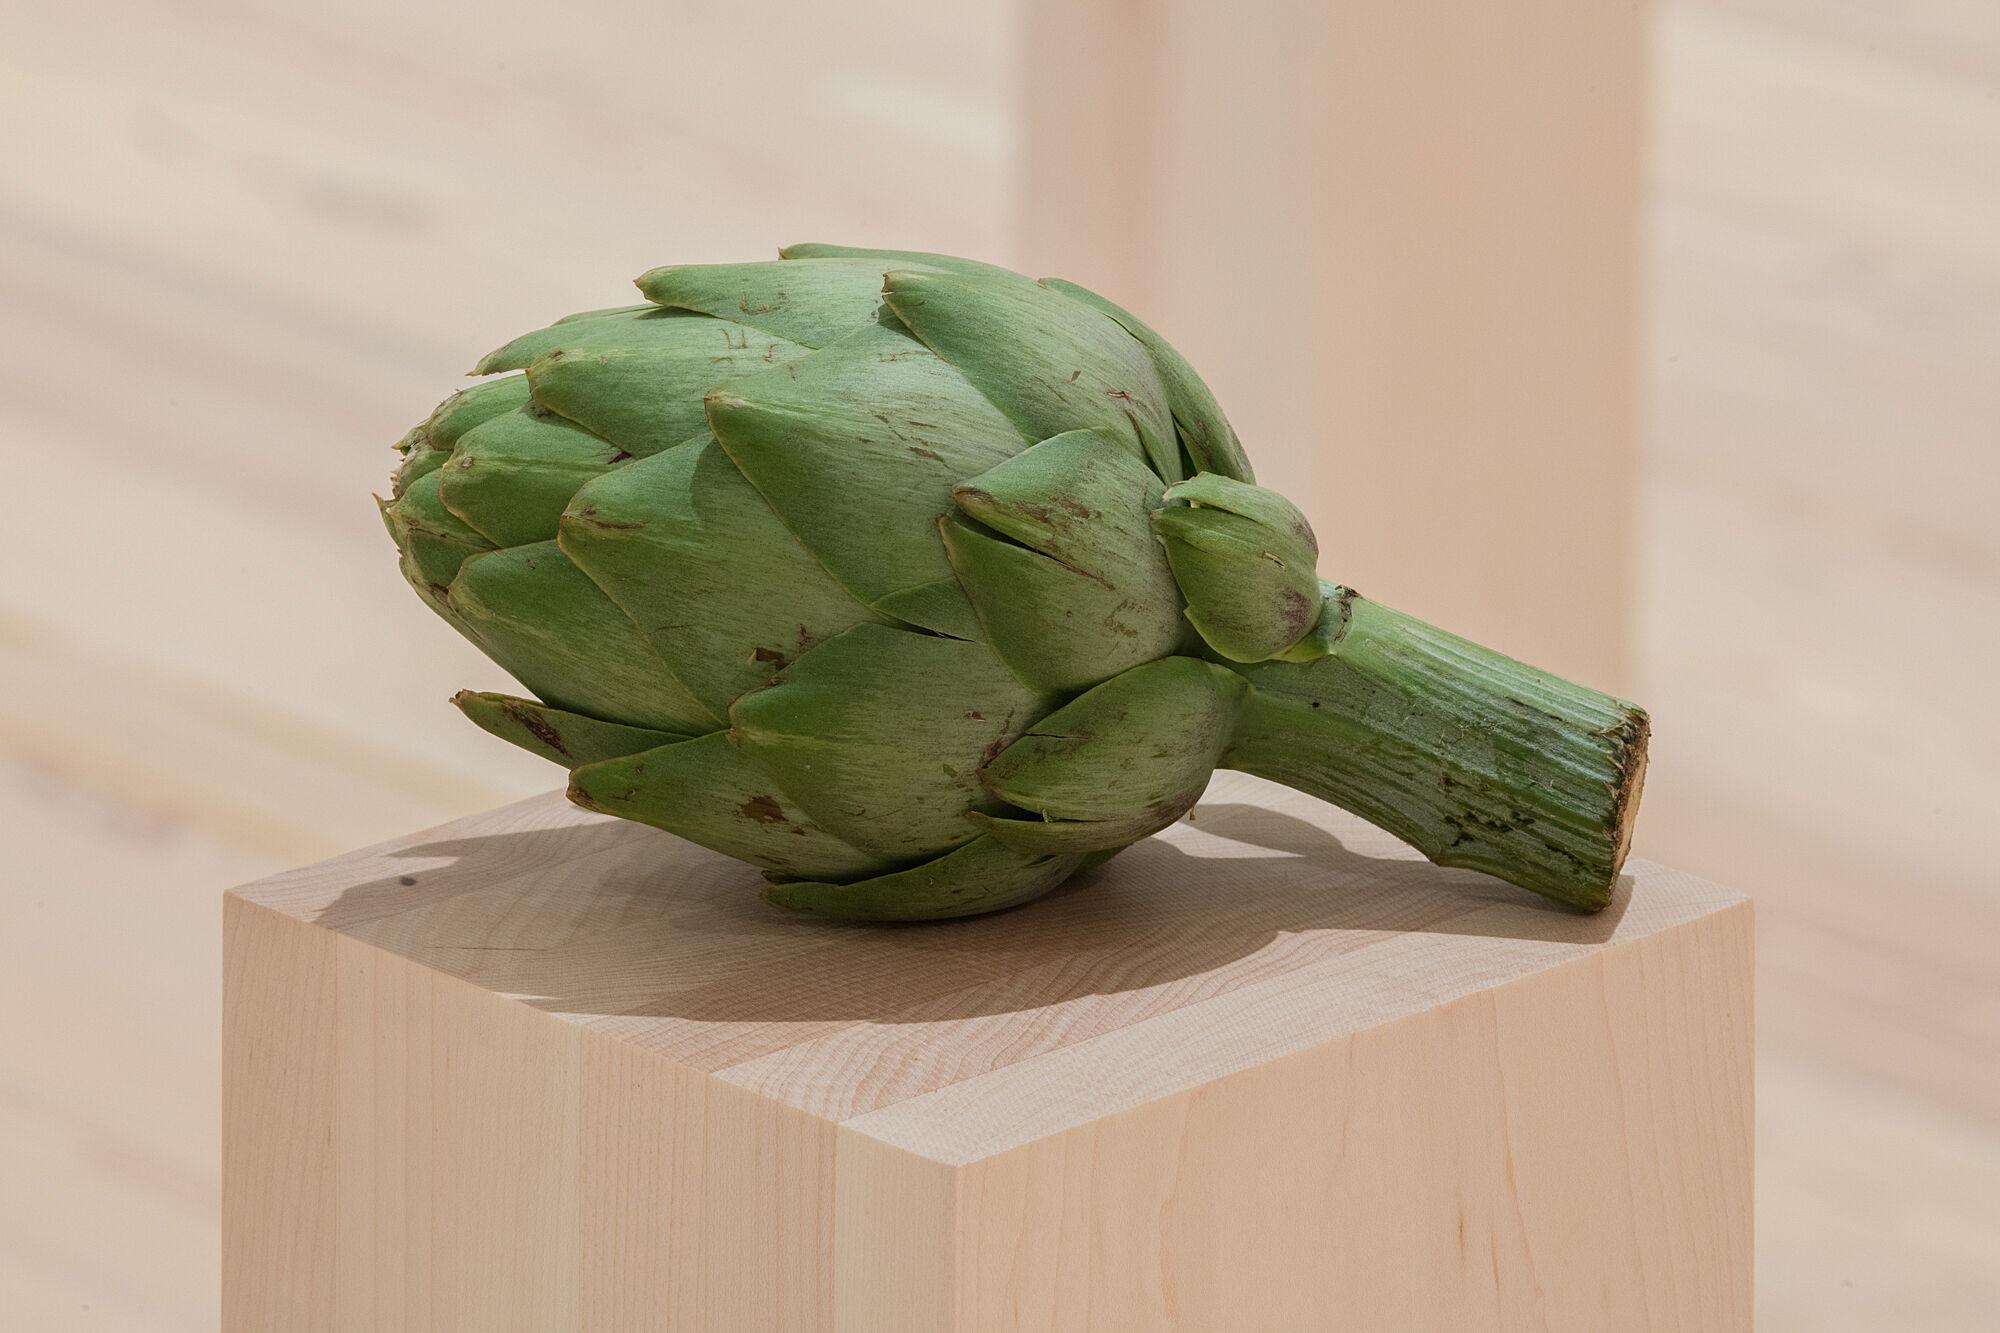 A photo of an artichoke on a plinth.